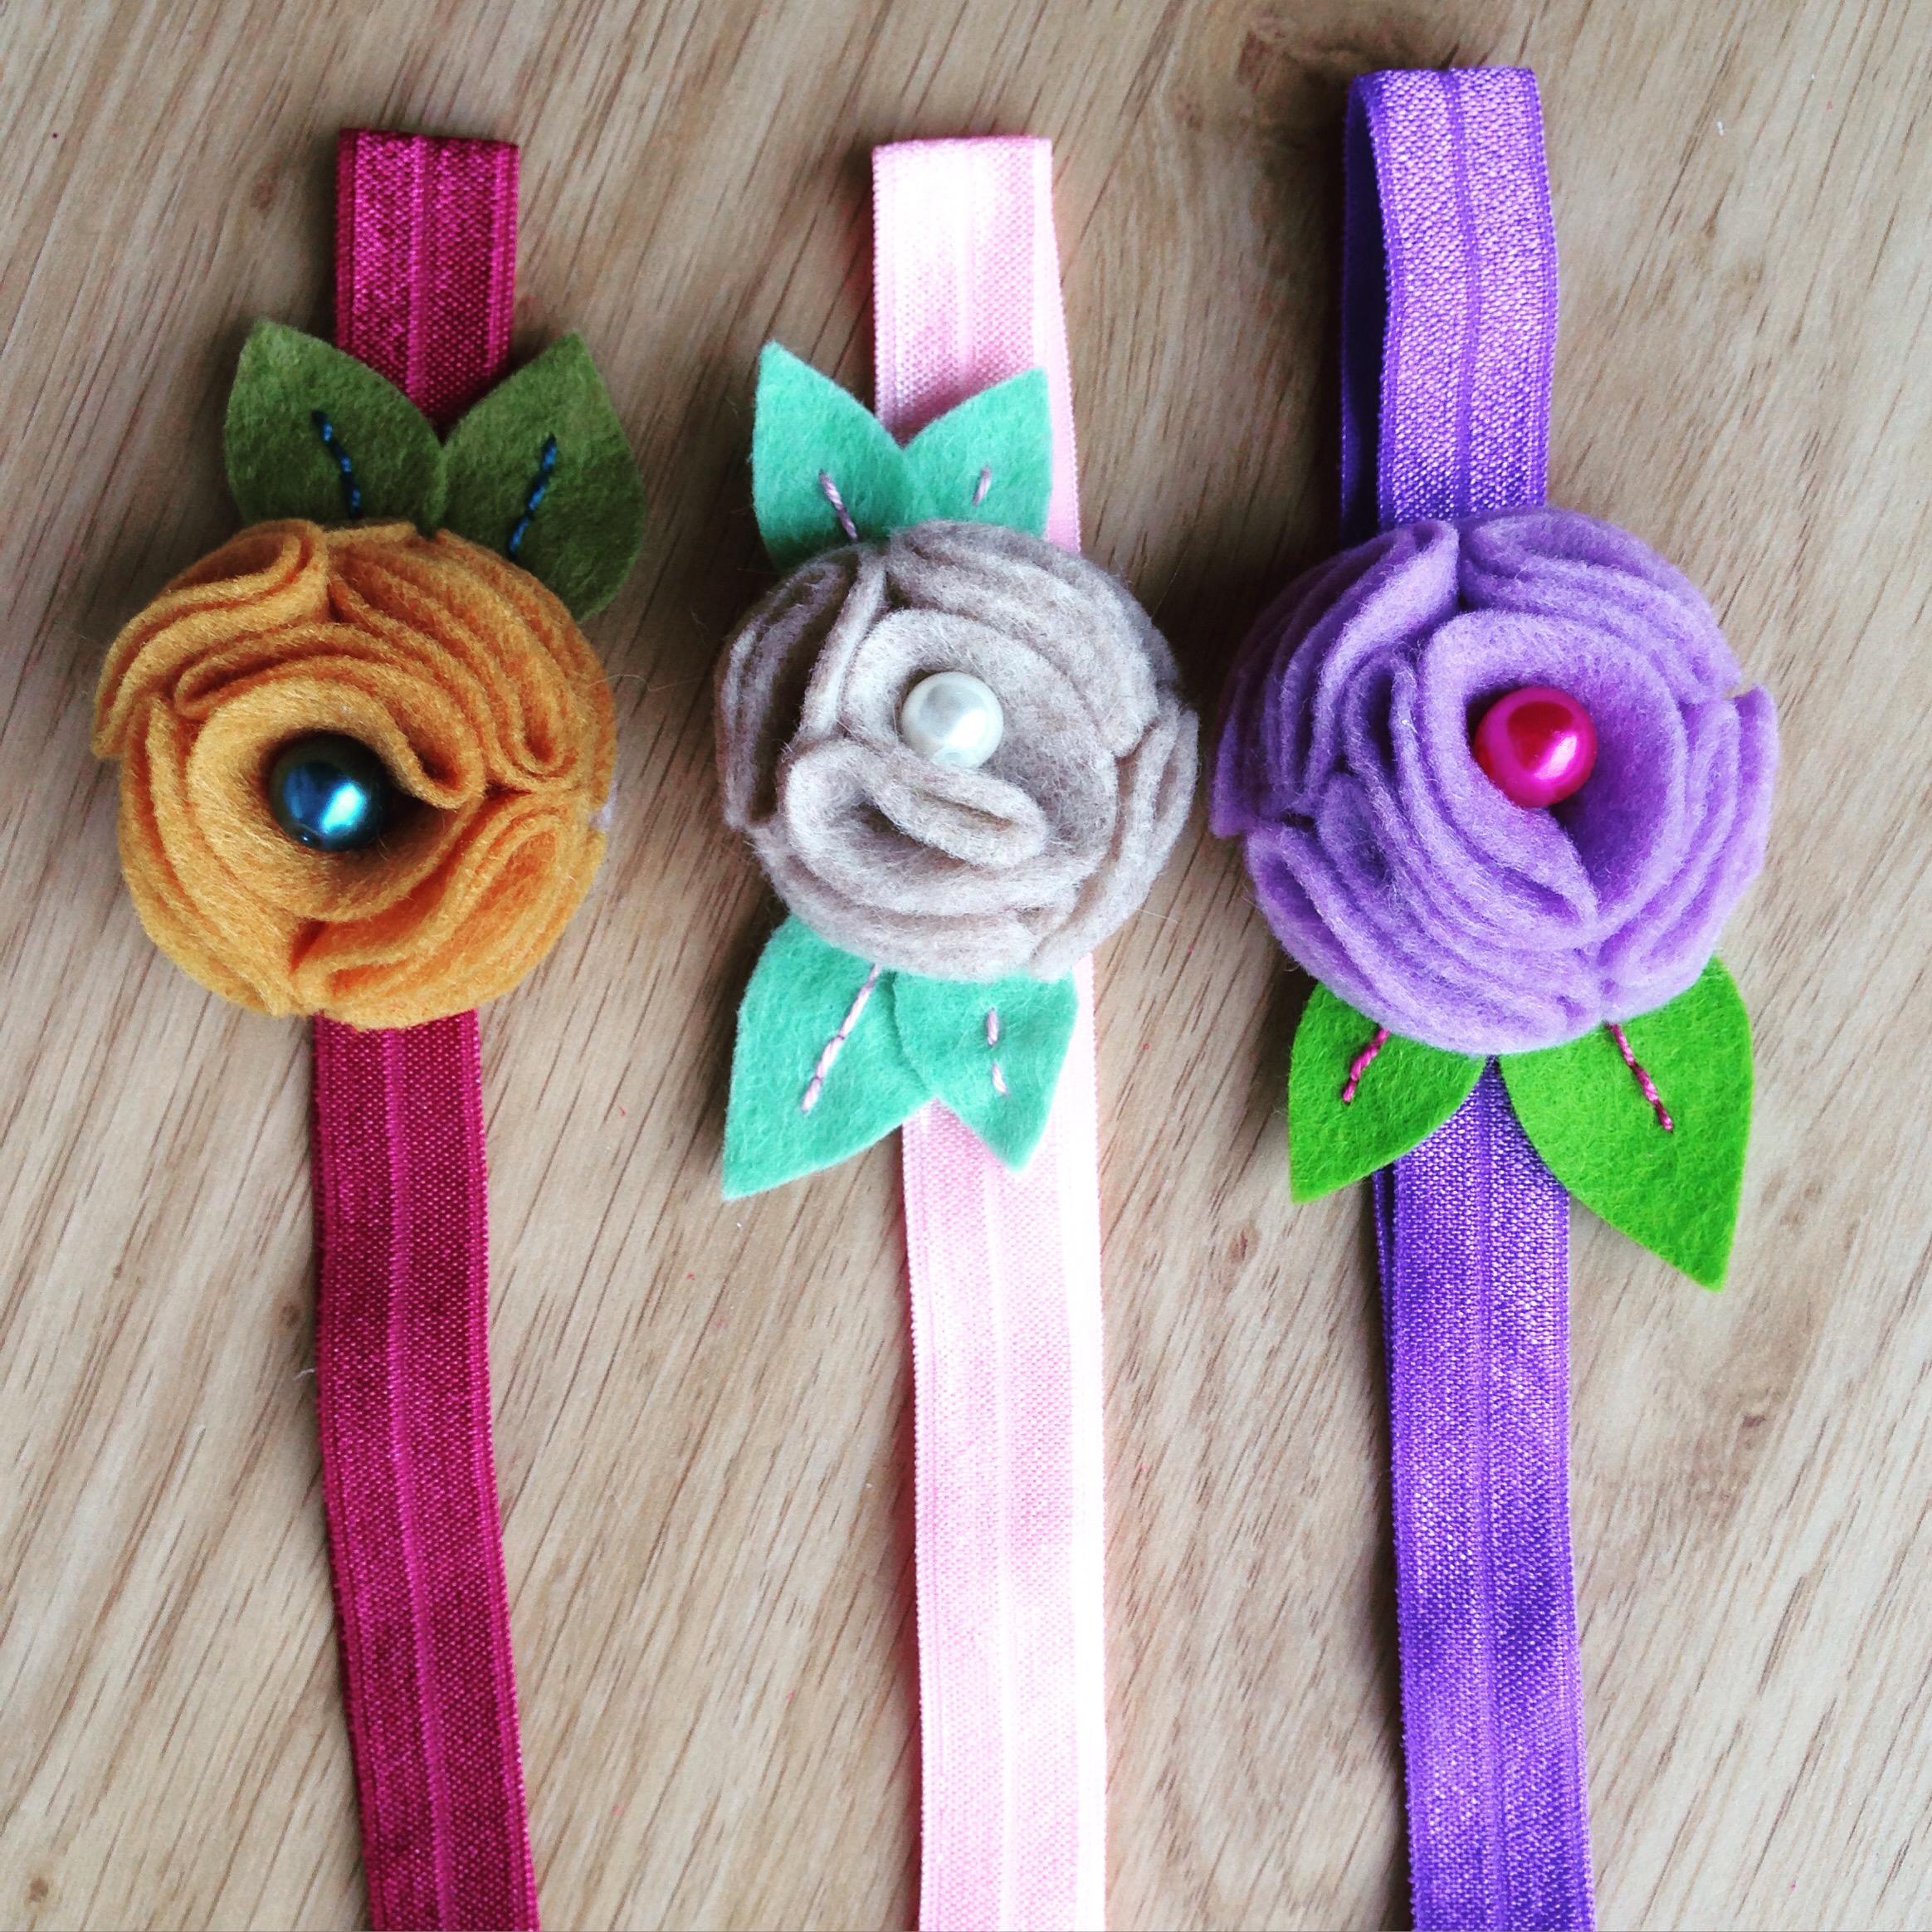 10 DIY gift ideas for girls  The Crafty Mummy